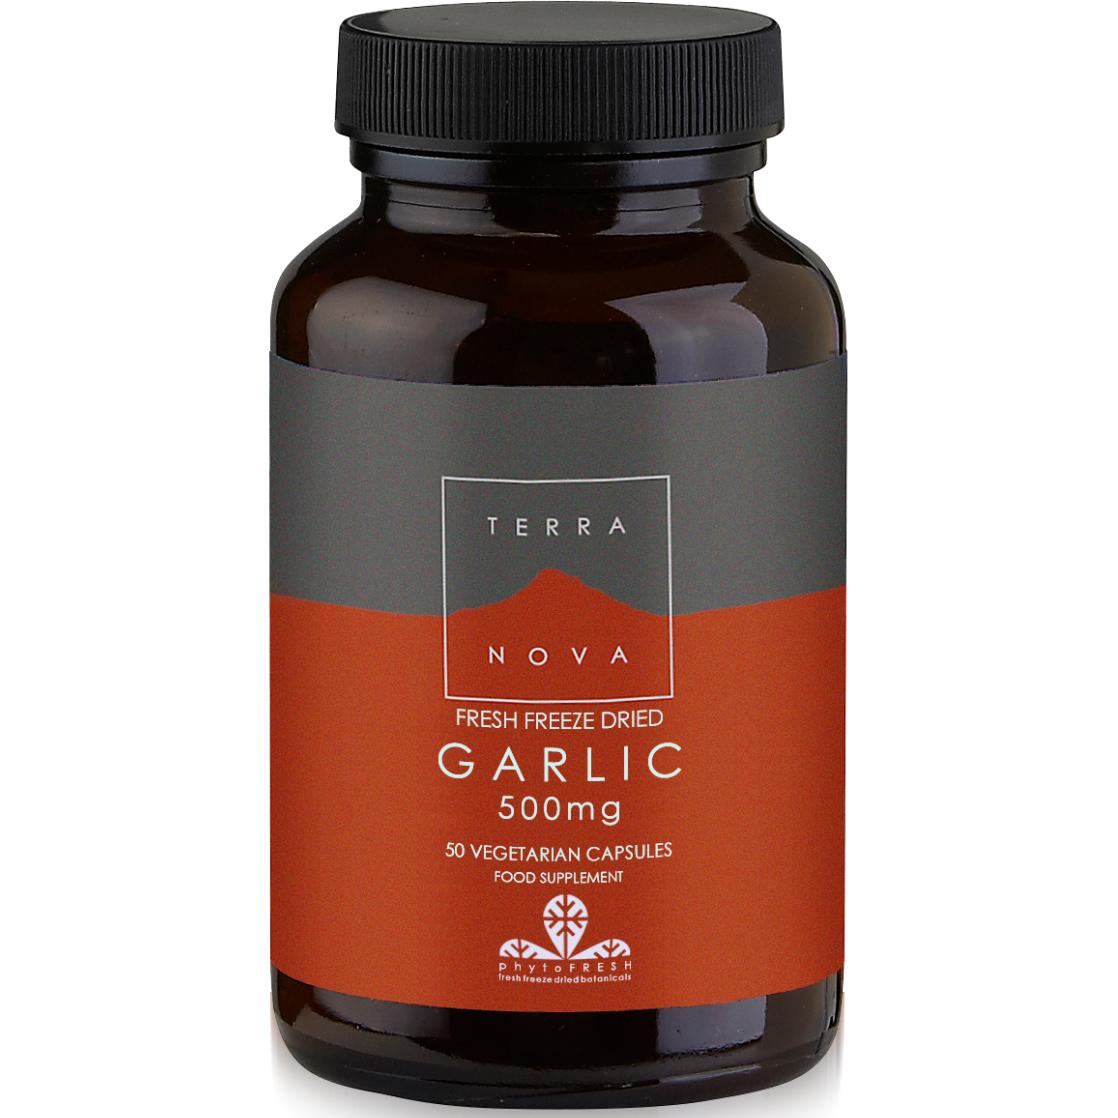 Terranova Garlic 500mg Βιολογικό Σκόρδο Κατάλληλο για Προστασία του Καρδιαγγειακού Συστήματος 50veg.caps